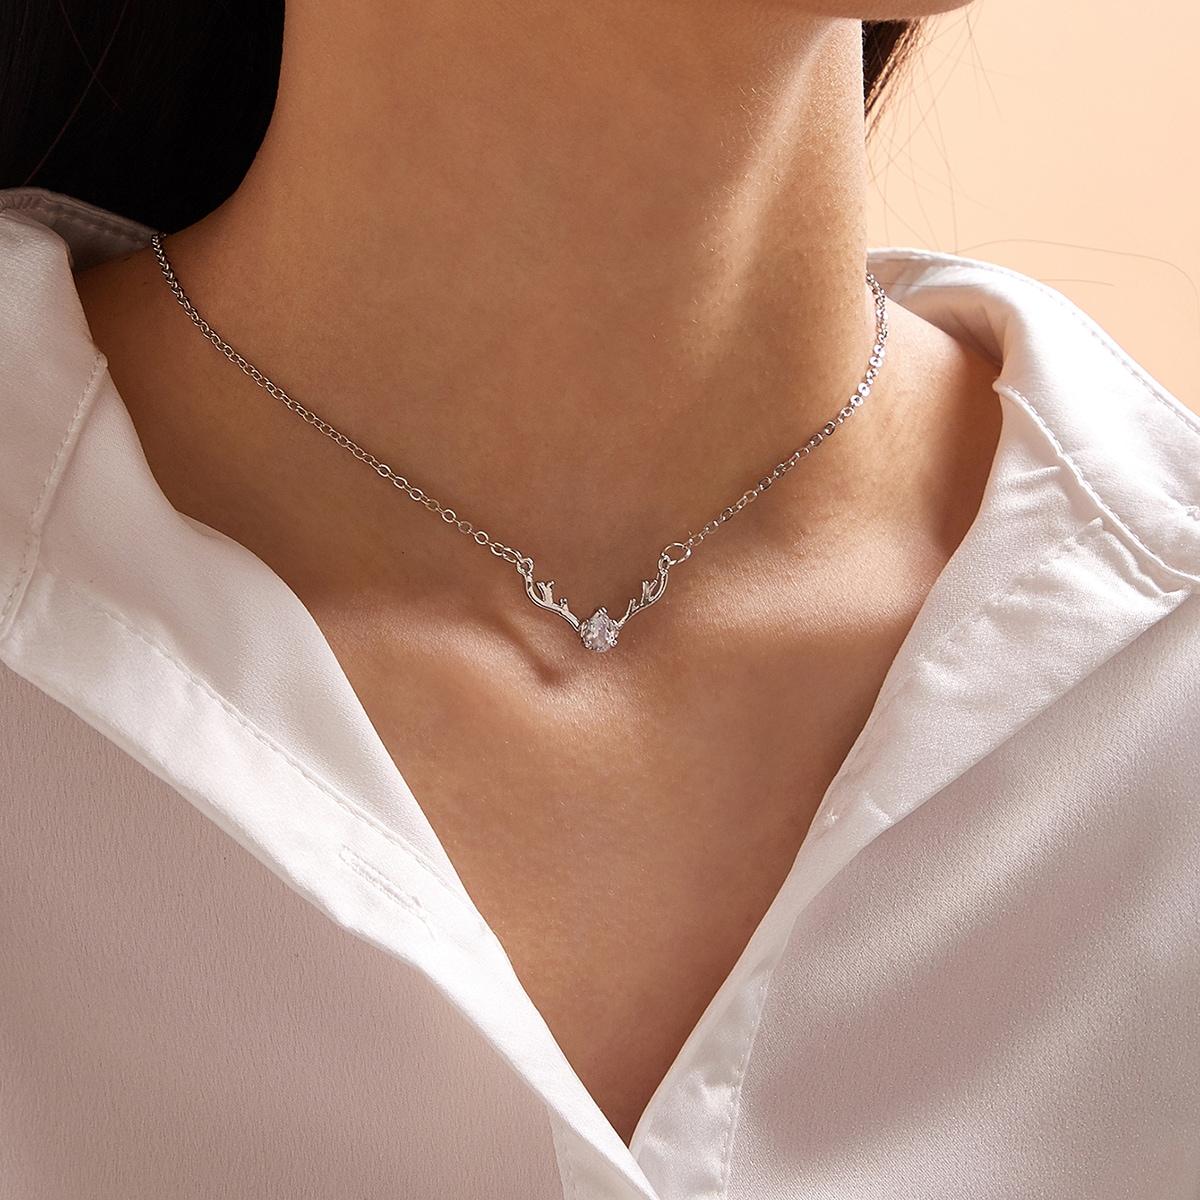 SHEIN / Weihnachten Halskette mit Hirsch Dekor